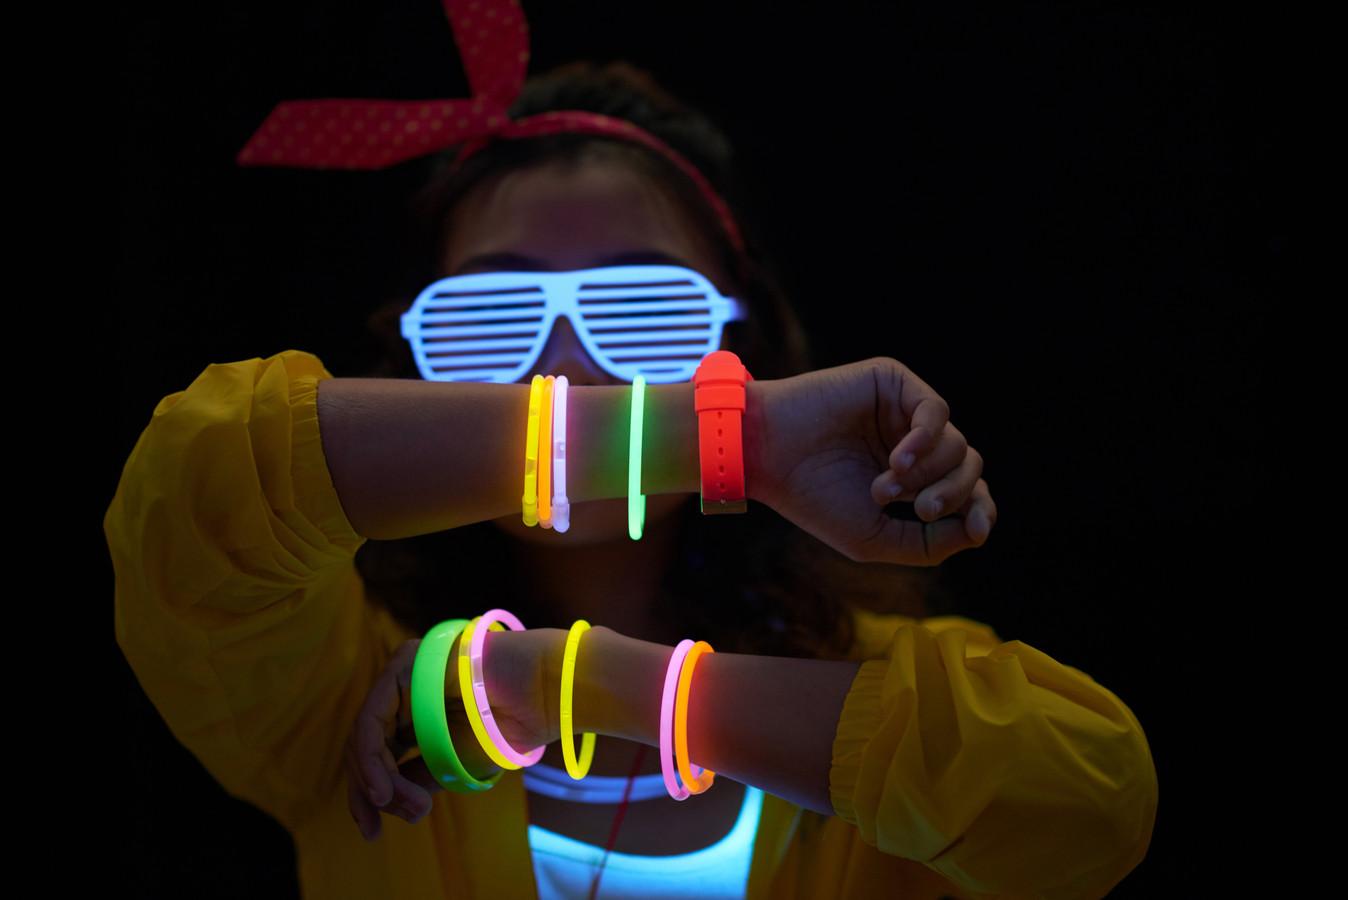 Deelnemers gaan vrijdagavond met 'glow in the dark-armbanden' van start tijdens de Free Your Light Run en Walk in het centrum van Arnhem.